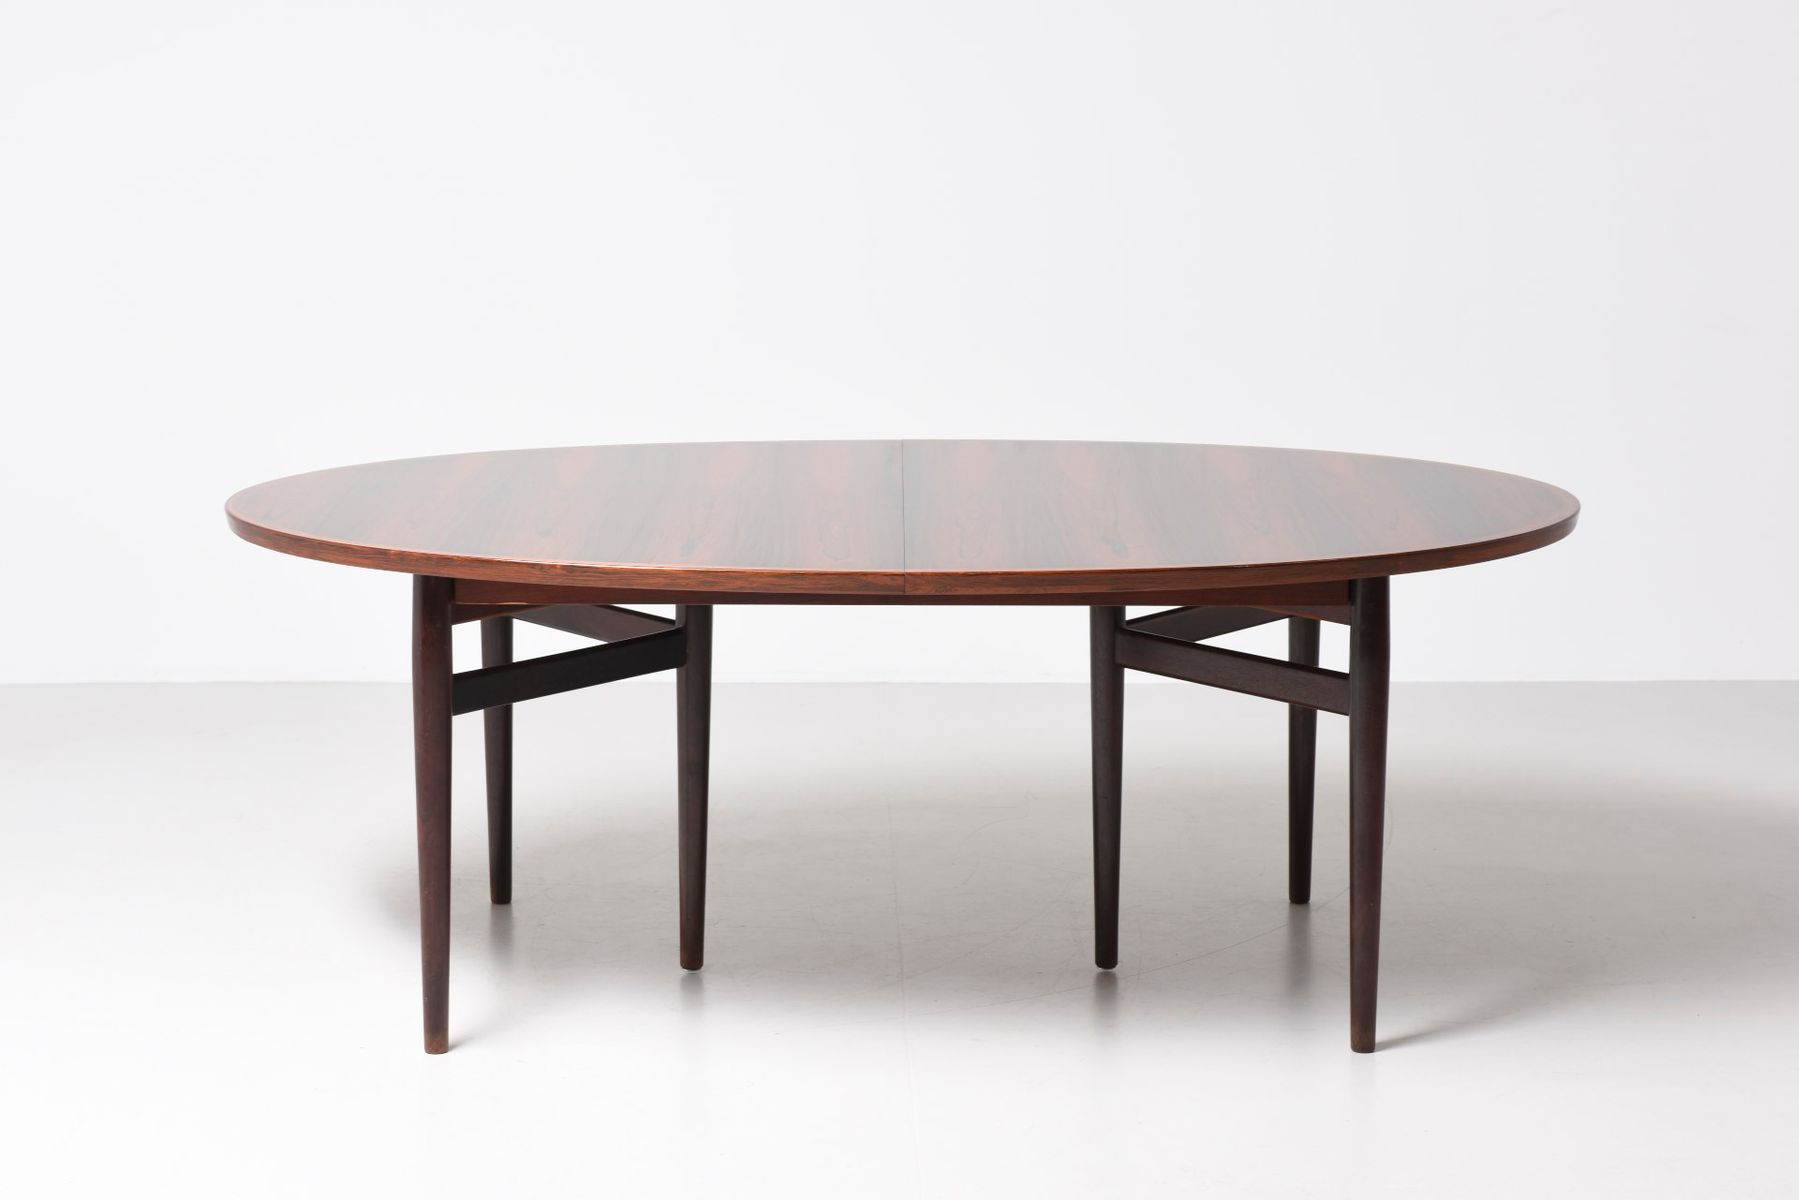 Table de salle manger 212 mid century ovale par arne for Salle a manger annee 1950